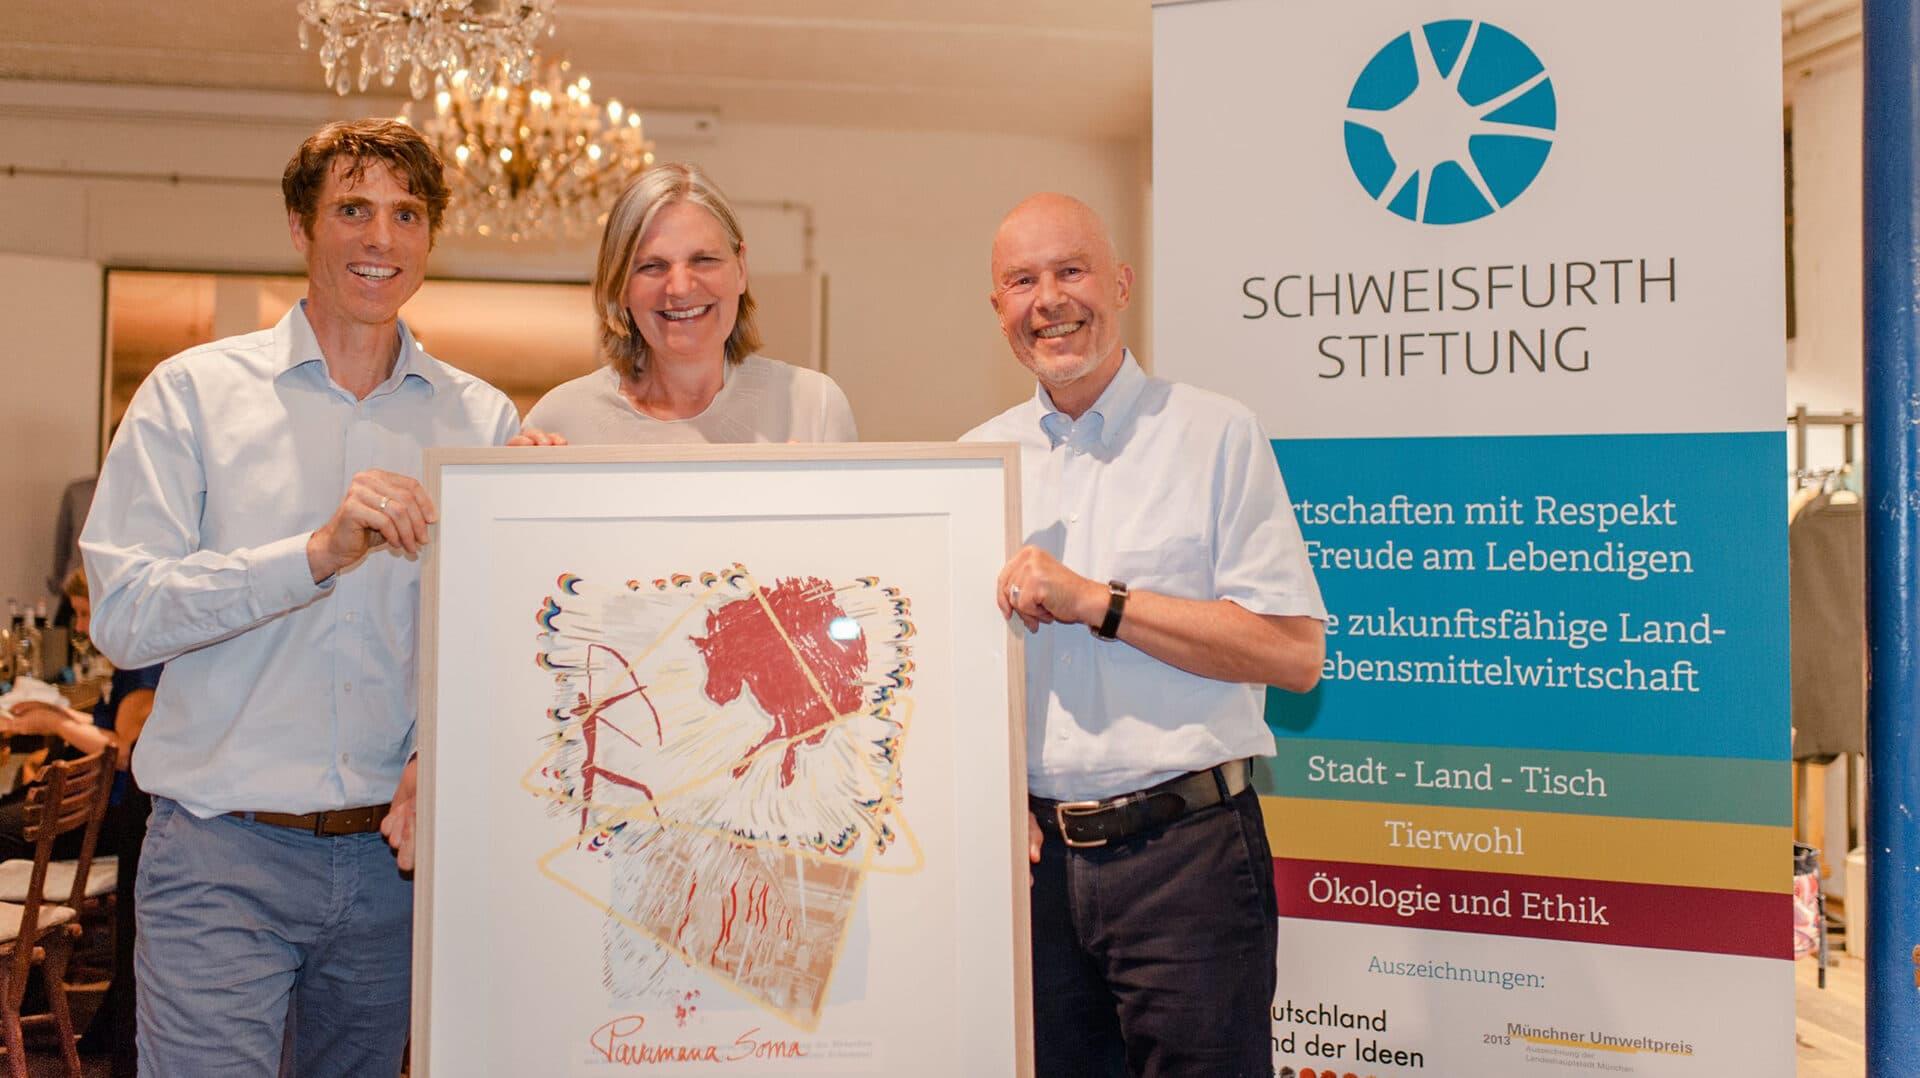 Niels Kohlschuetter, Anne Schweisfurth, Franz Theo Gottwald